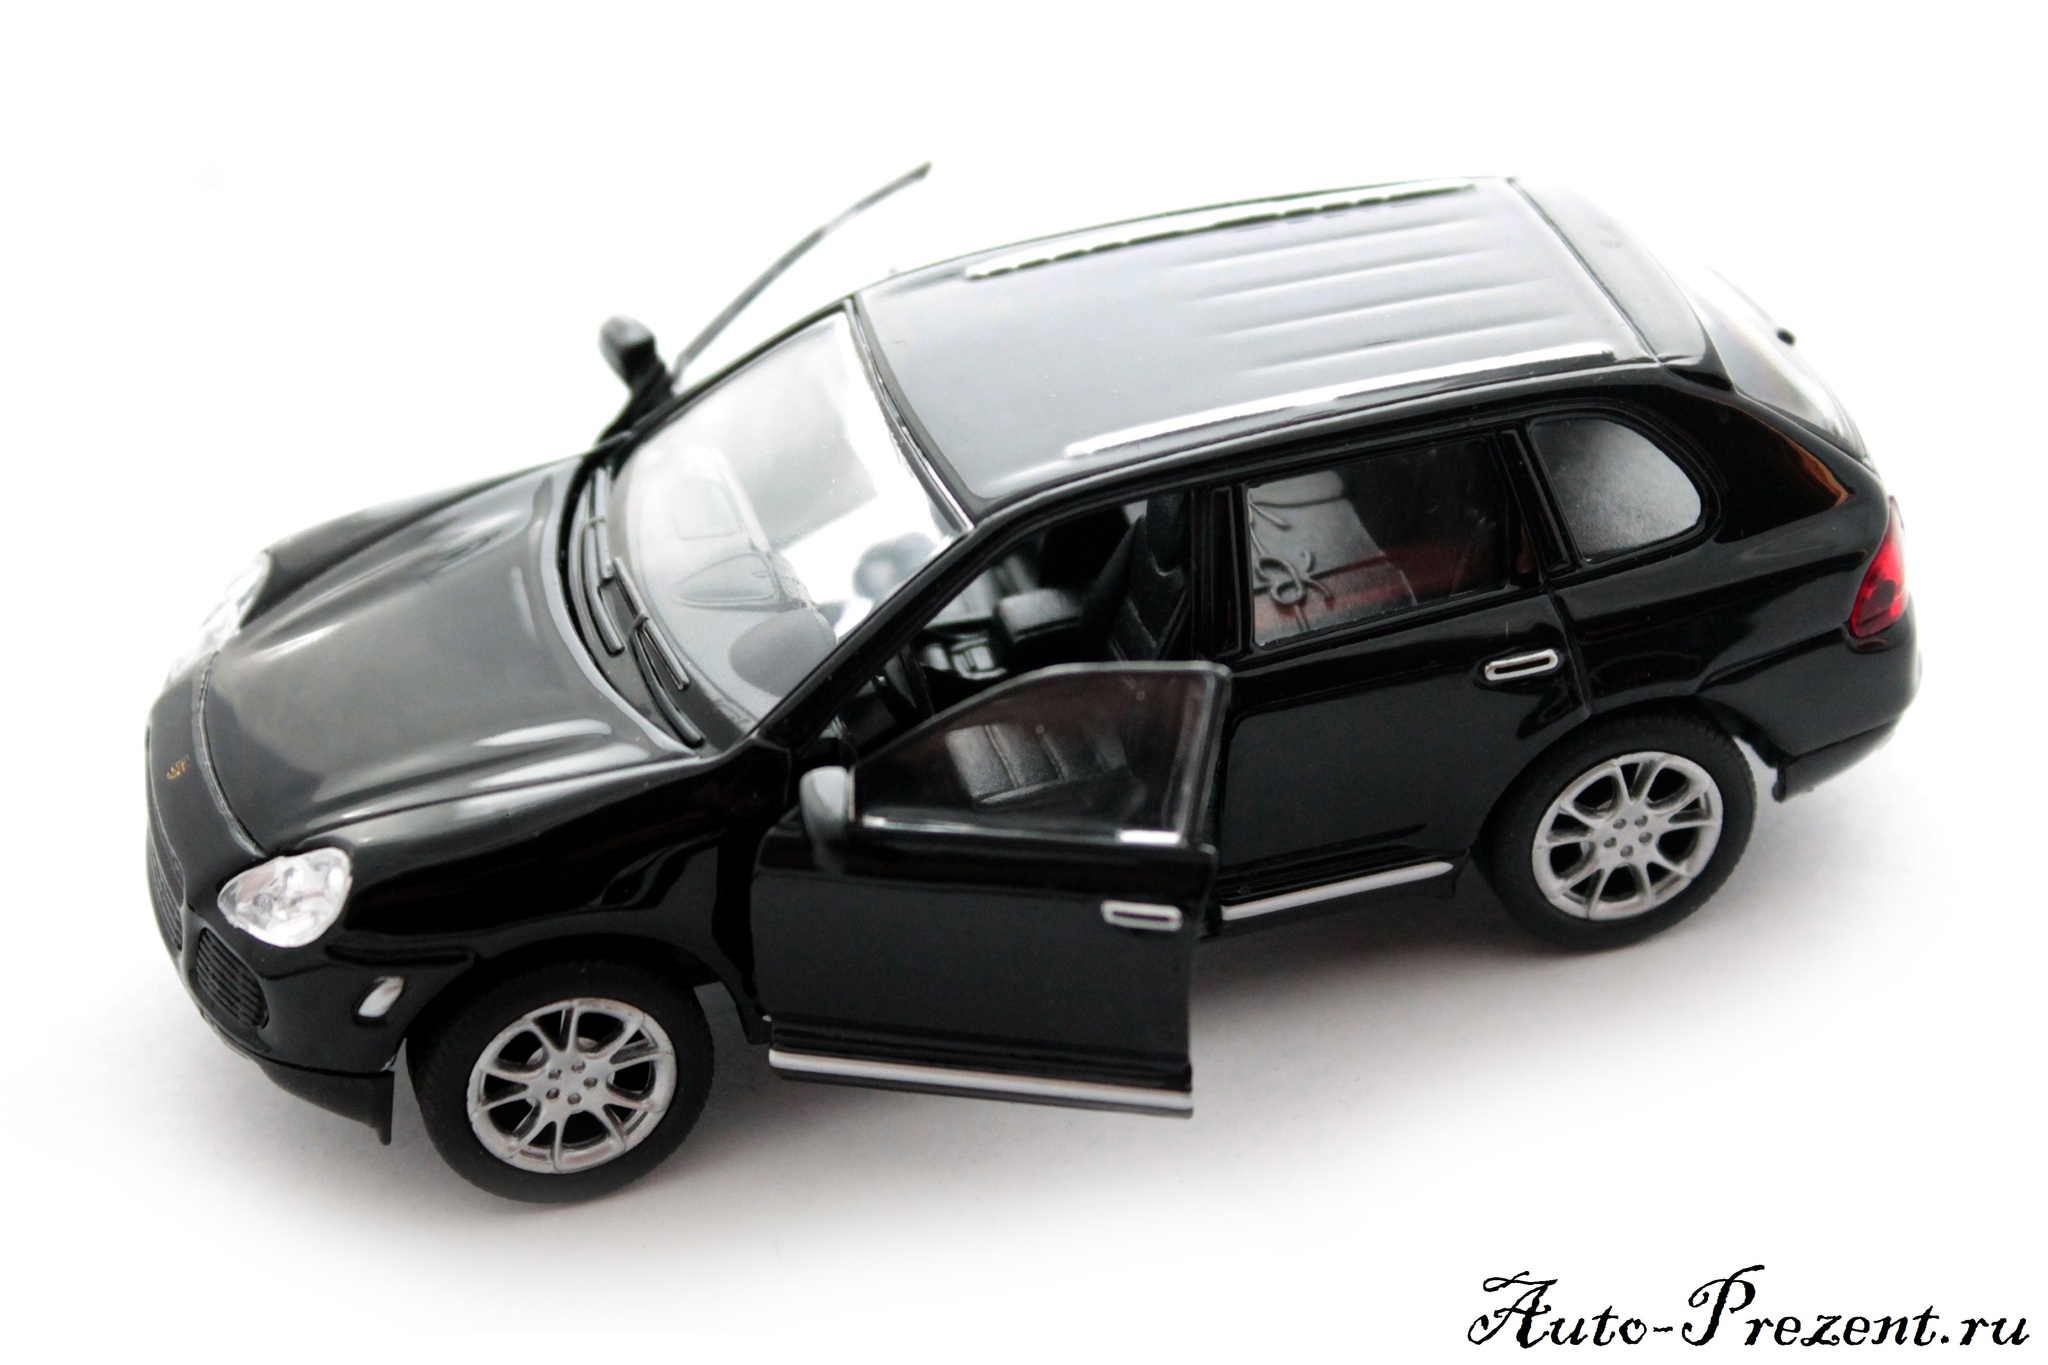 Машинка-игрушка Porsche Cayenne Turbo